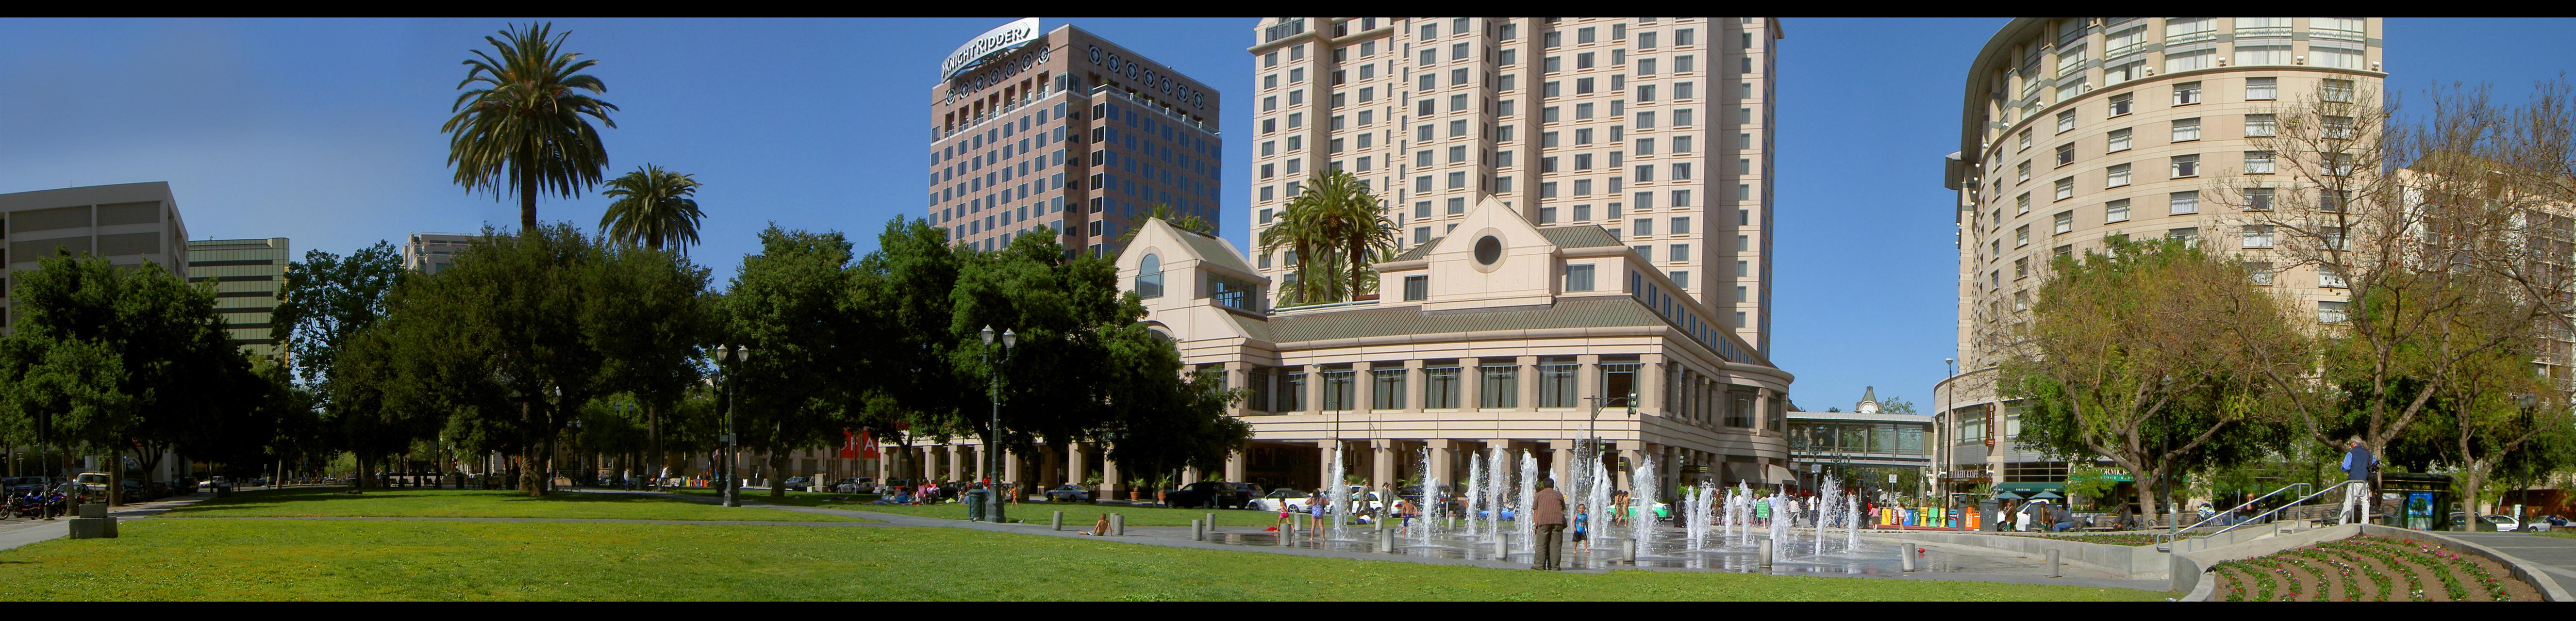 Hoteles Baratos En Orlando Cerca De Universal Studios